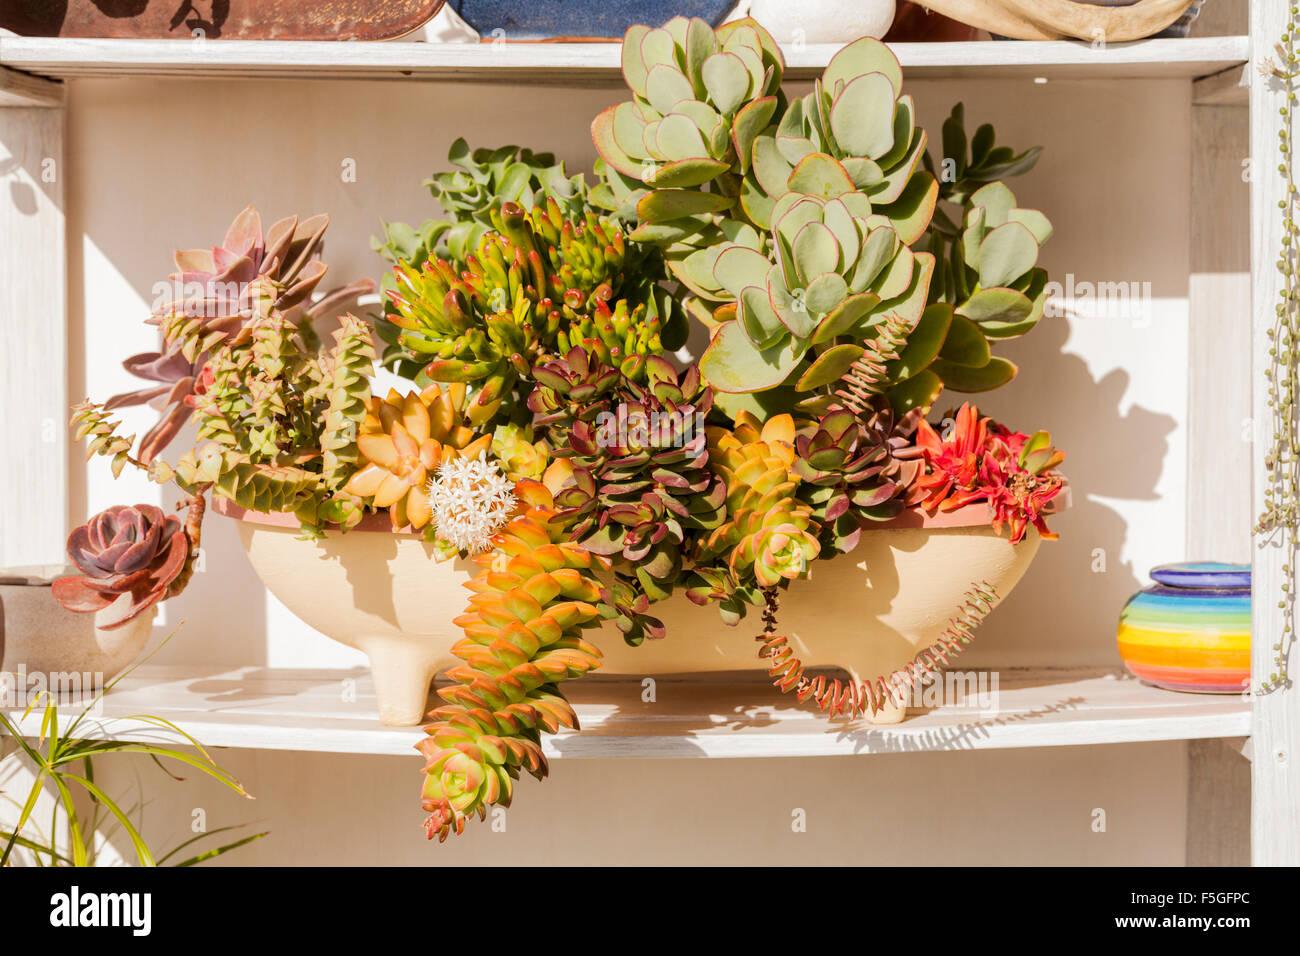 Terrazza giardino con piante grasse cactus e altre sub for Giardino in terrazza